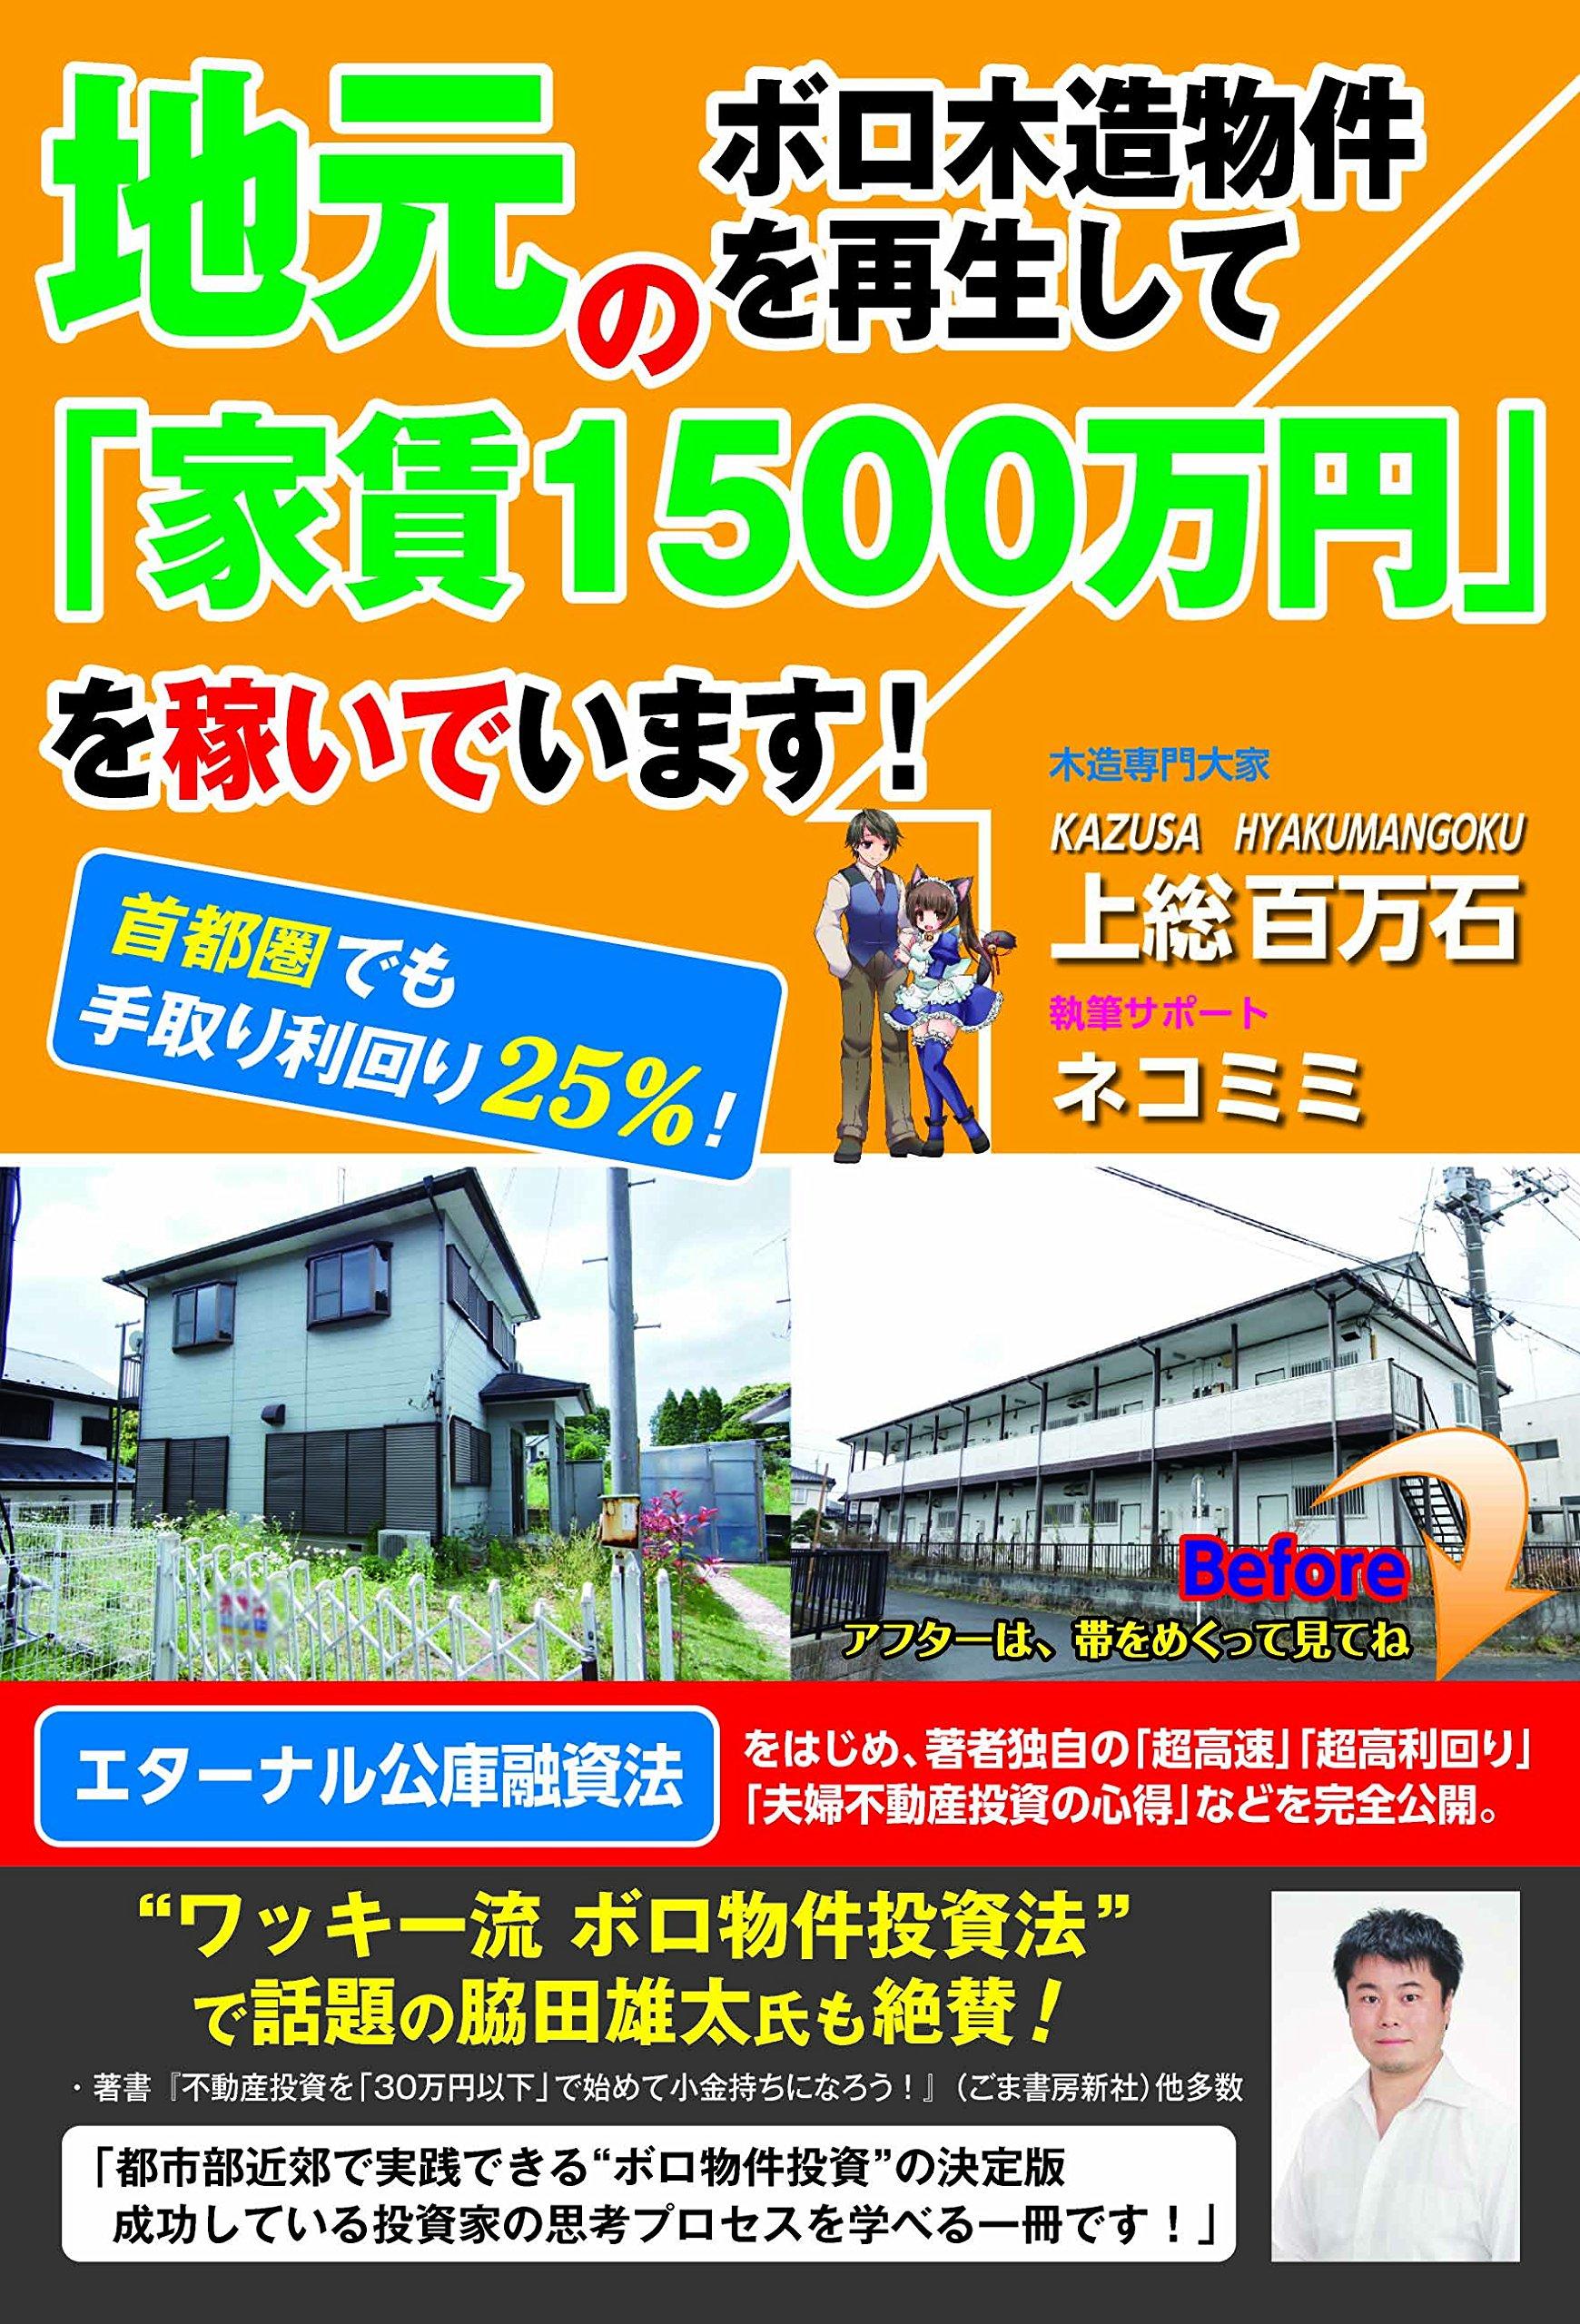 Download Jimoto no boro mokuzō bukken o saisei shite yachin sengohyakuman'en o kaseide imasu : shutoken demo tedori rimawari nijūgopāsento pdf